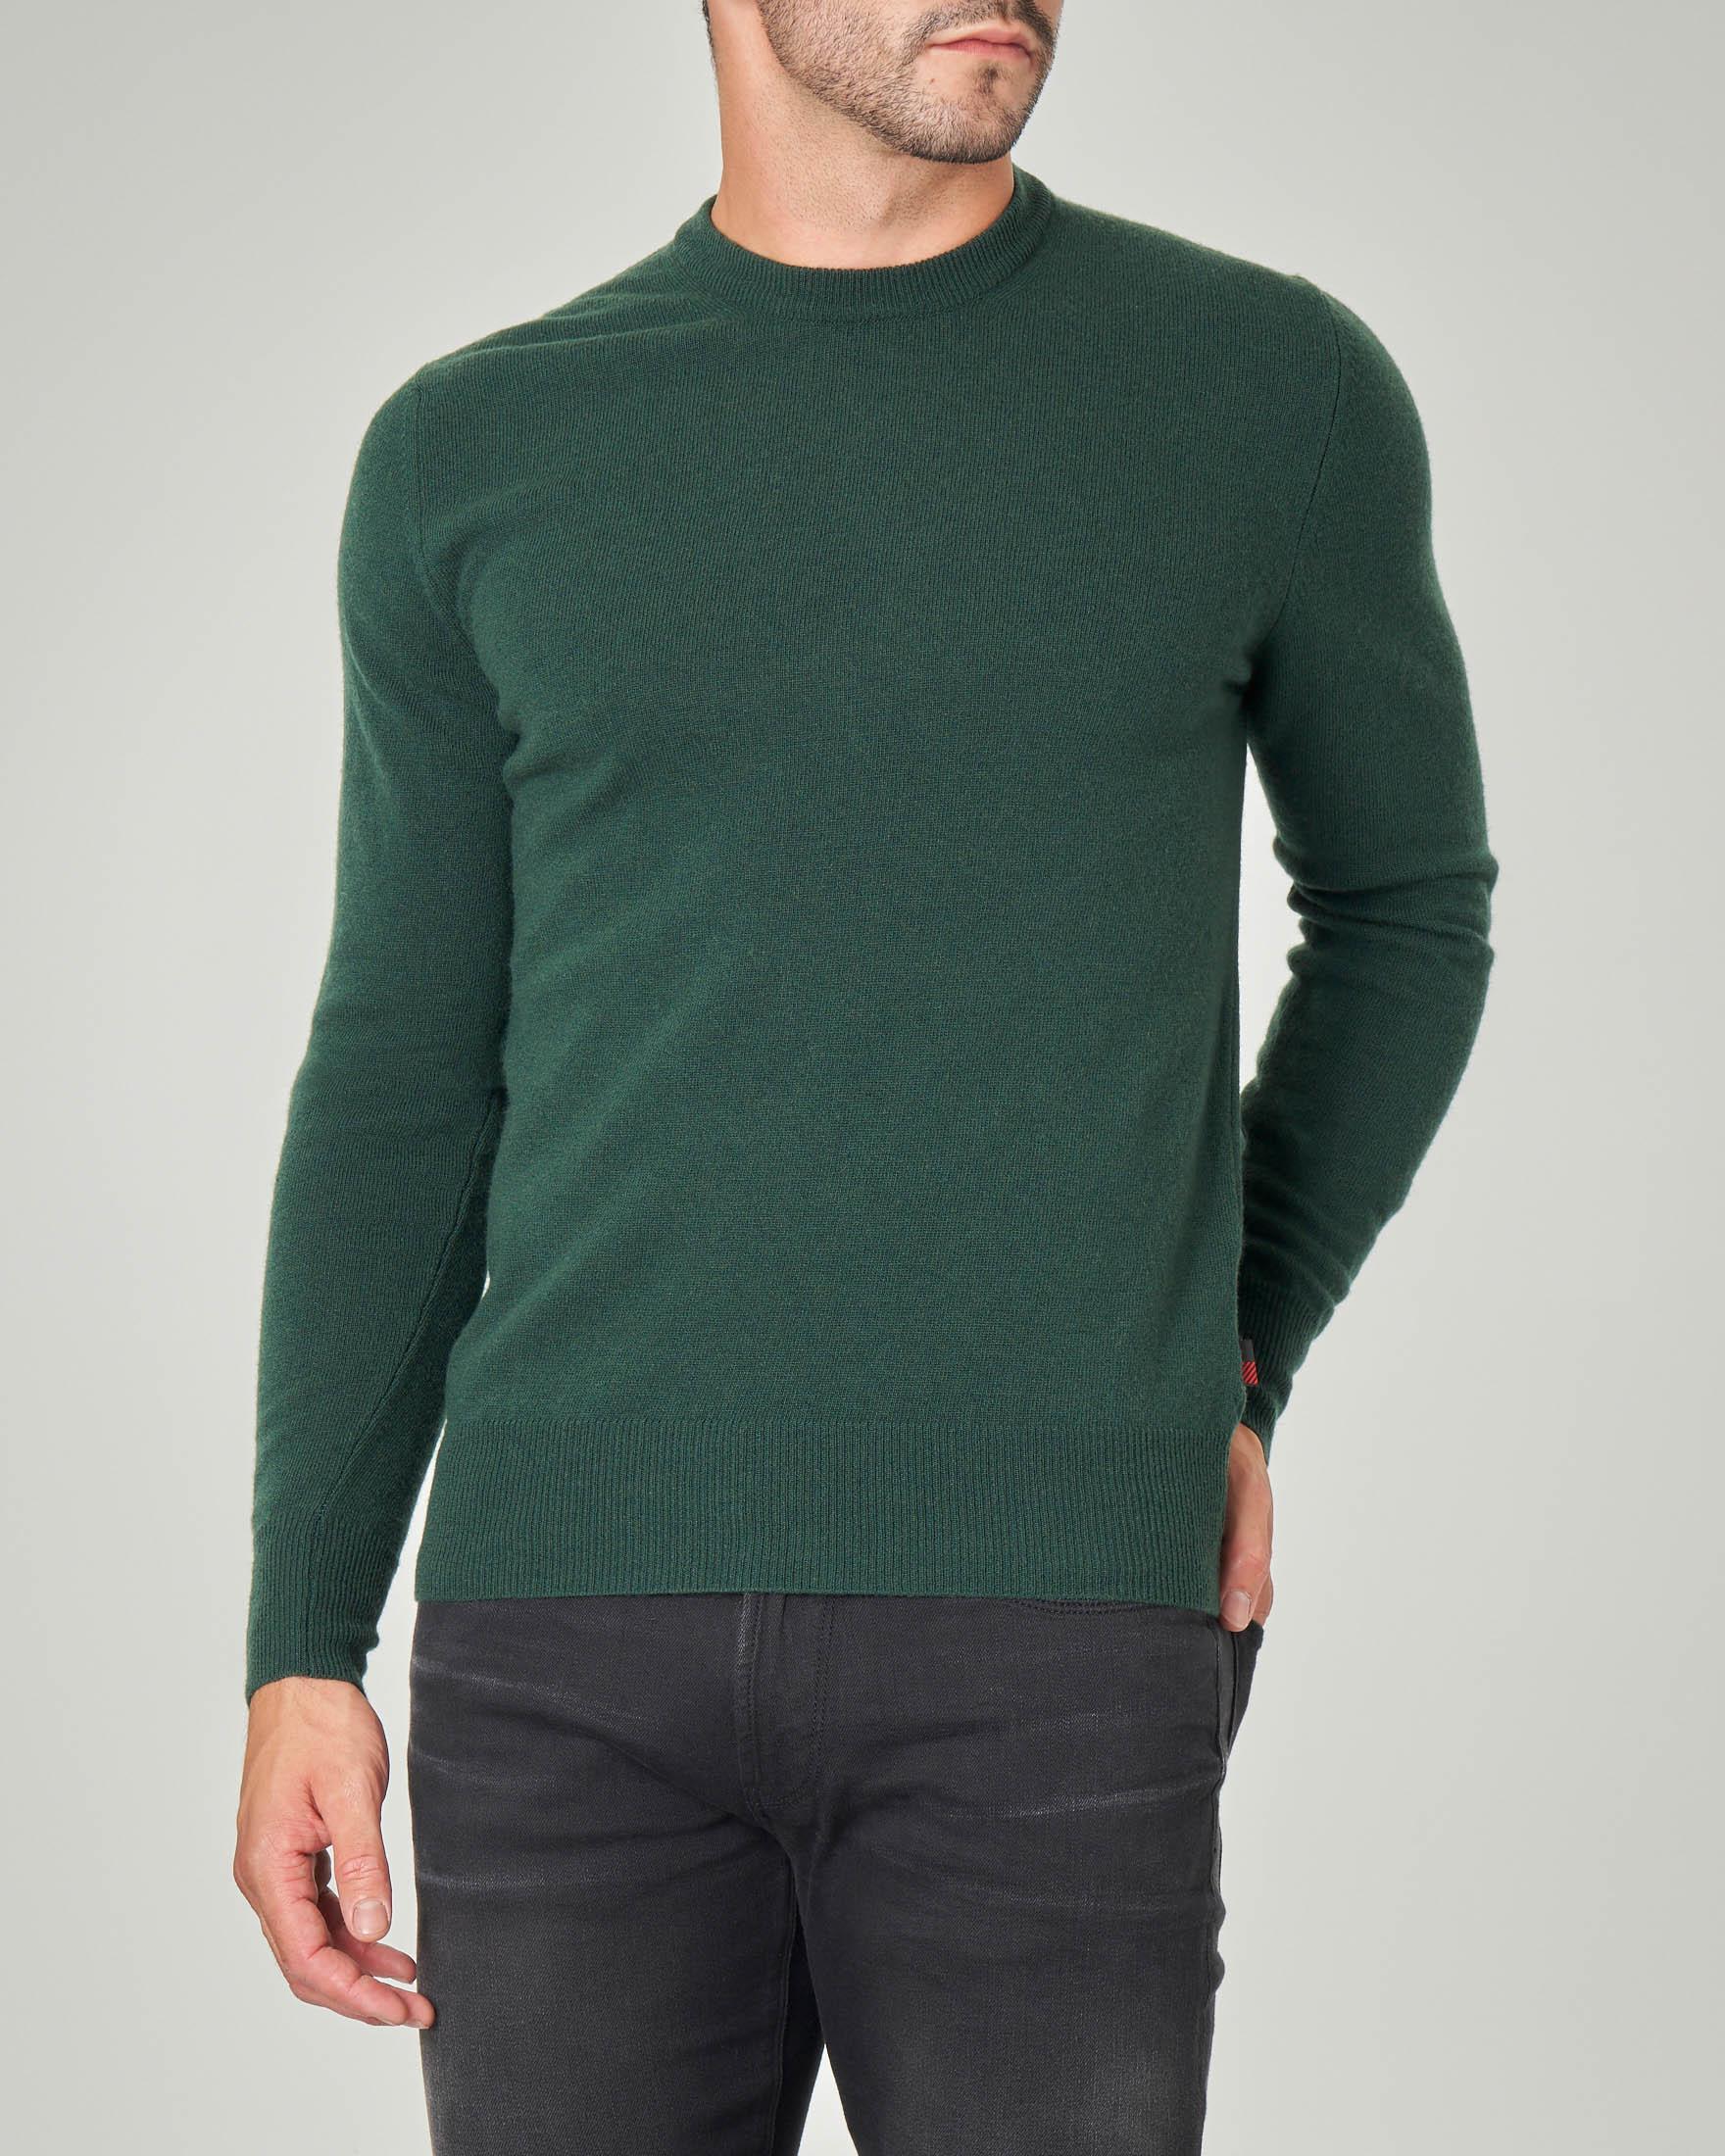 Maglia girocollo verde in pura lana